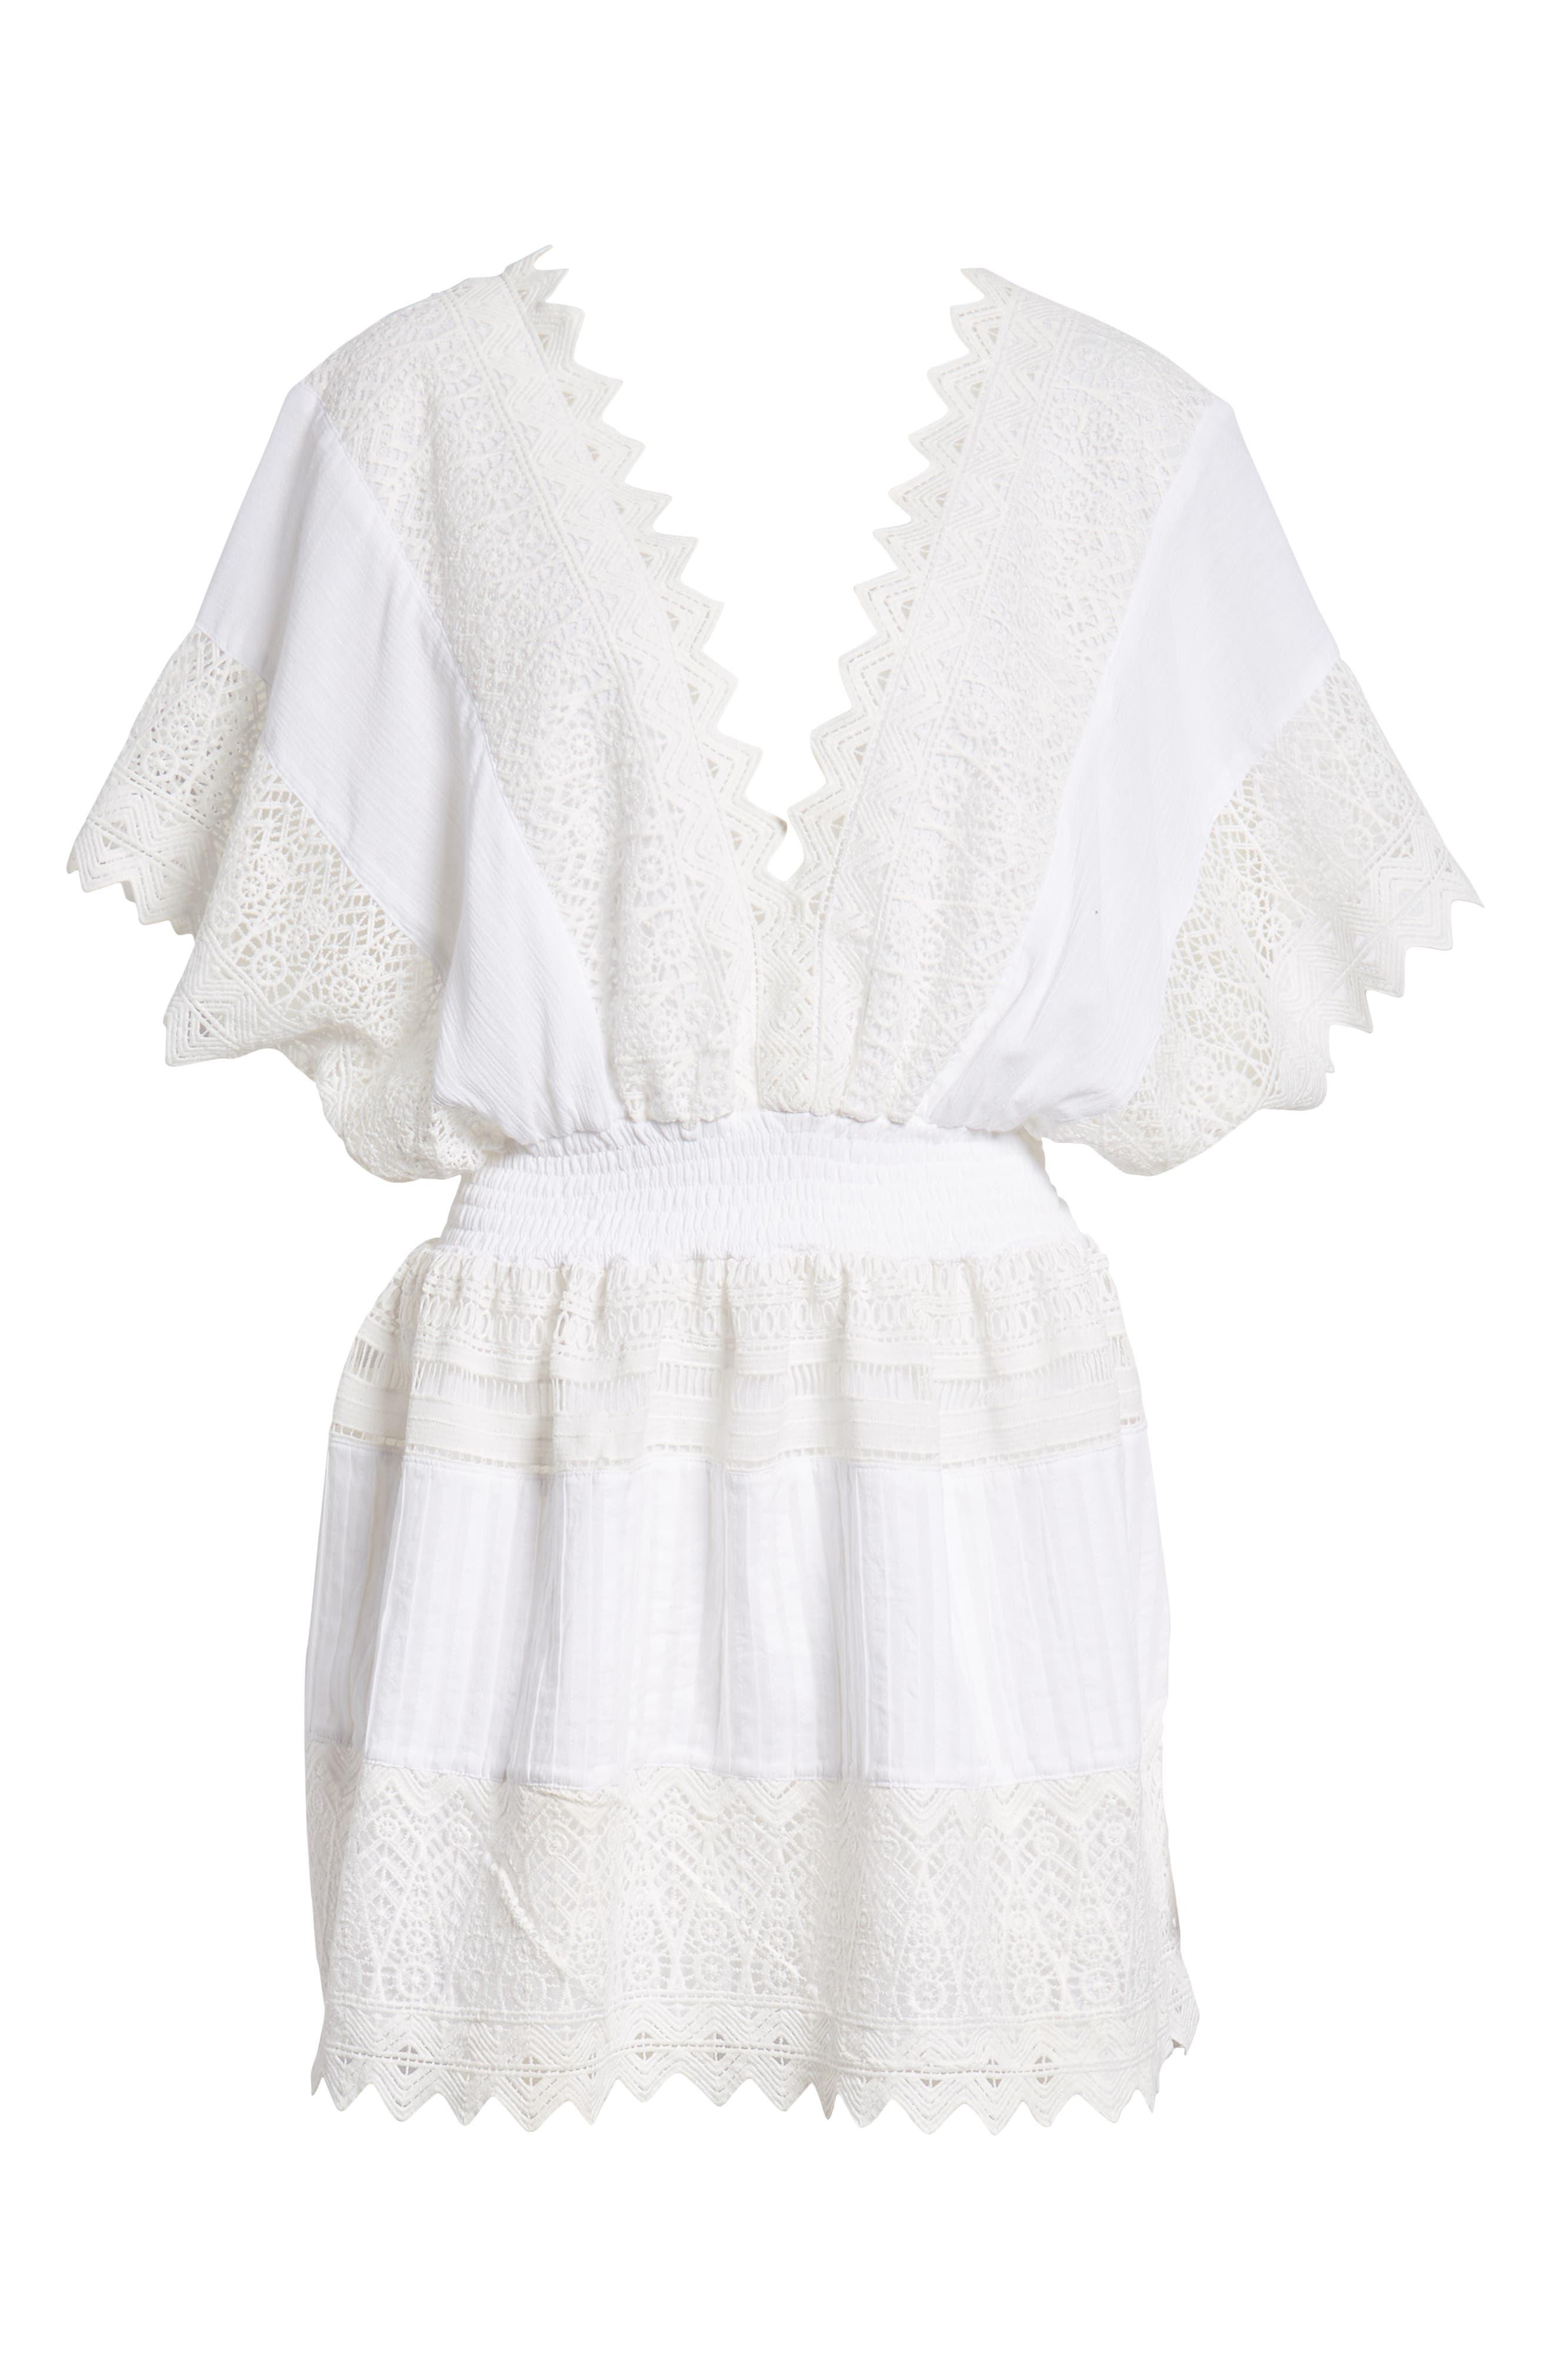 Rosa Lace Minidress,                             Alternate thumbnail 6, color,                             White